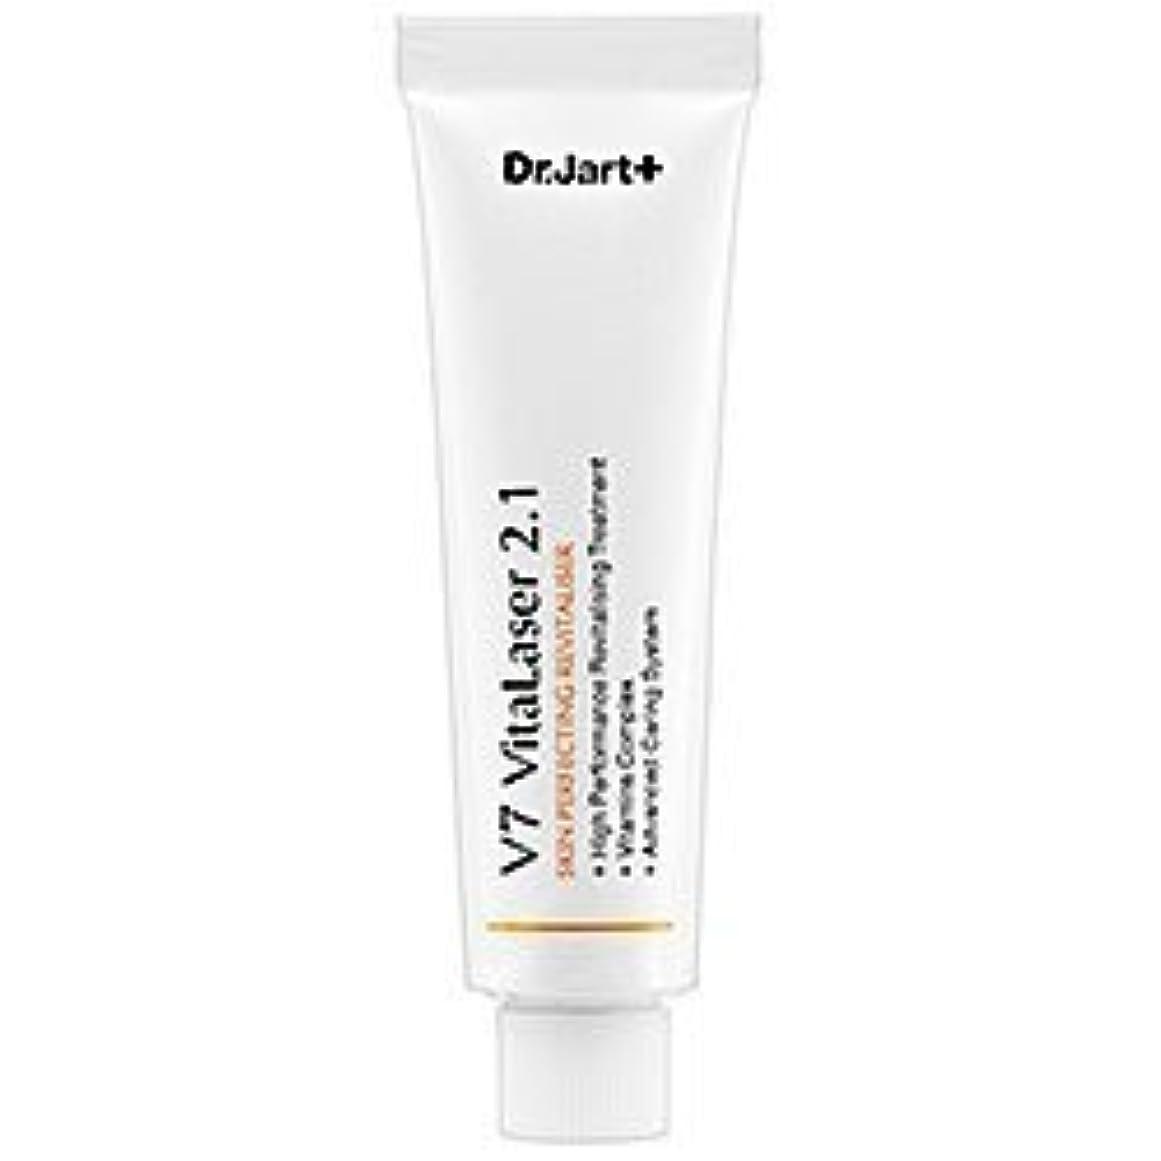 巨大な同化する宙返りDr. Jart+ V7 Vitalaser 2.1 Skin Moisturizer 30 ml [並行輸入品]